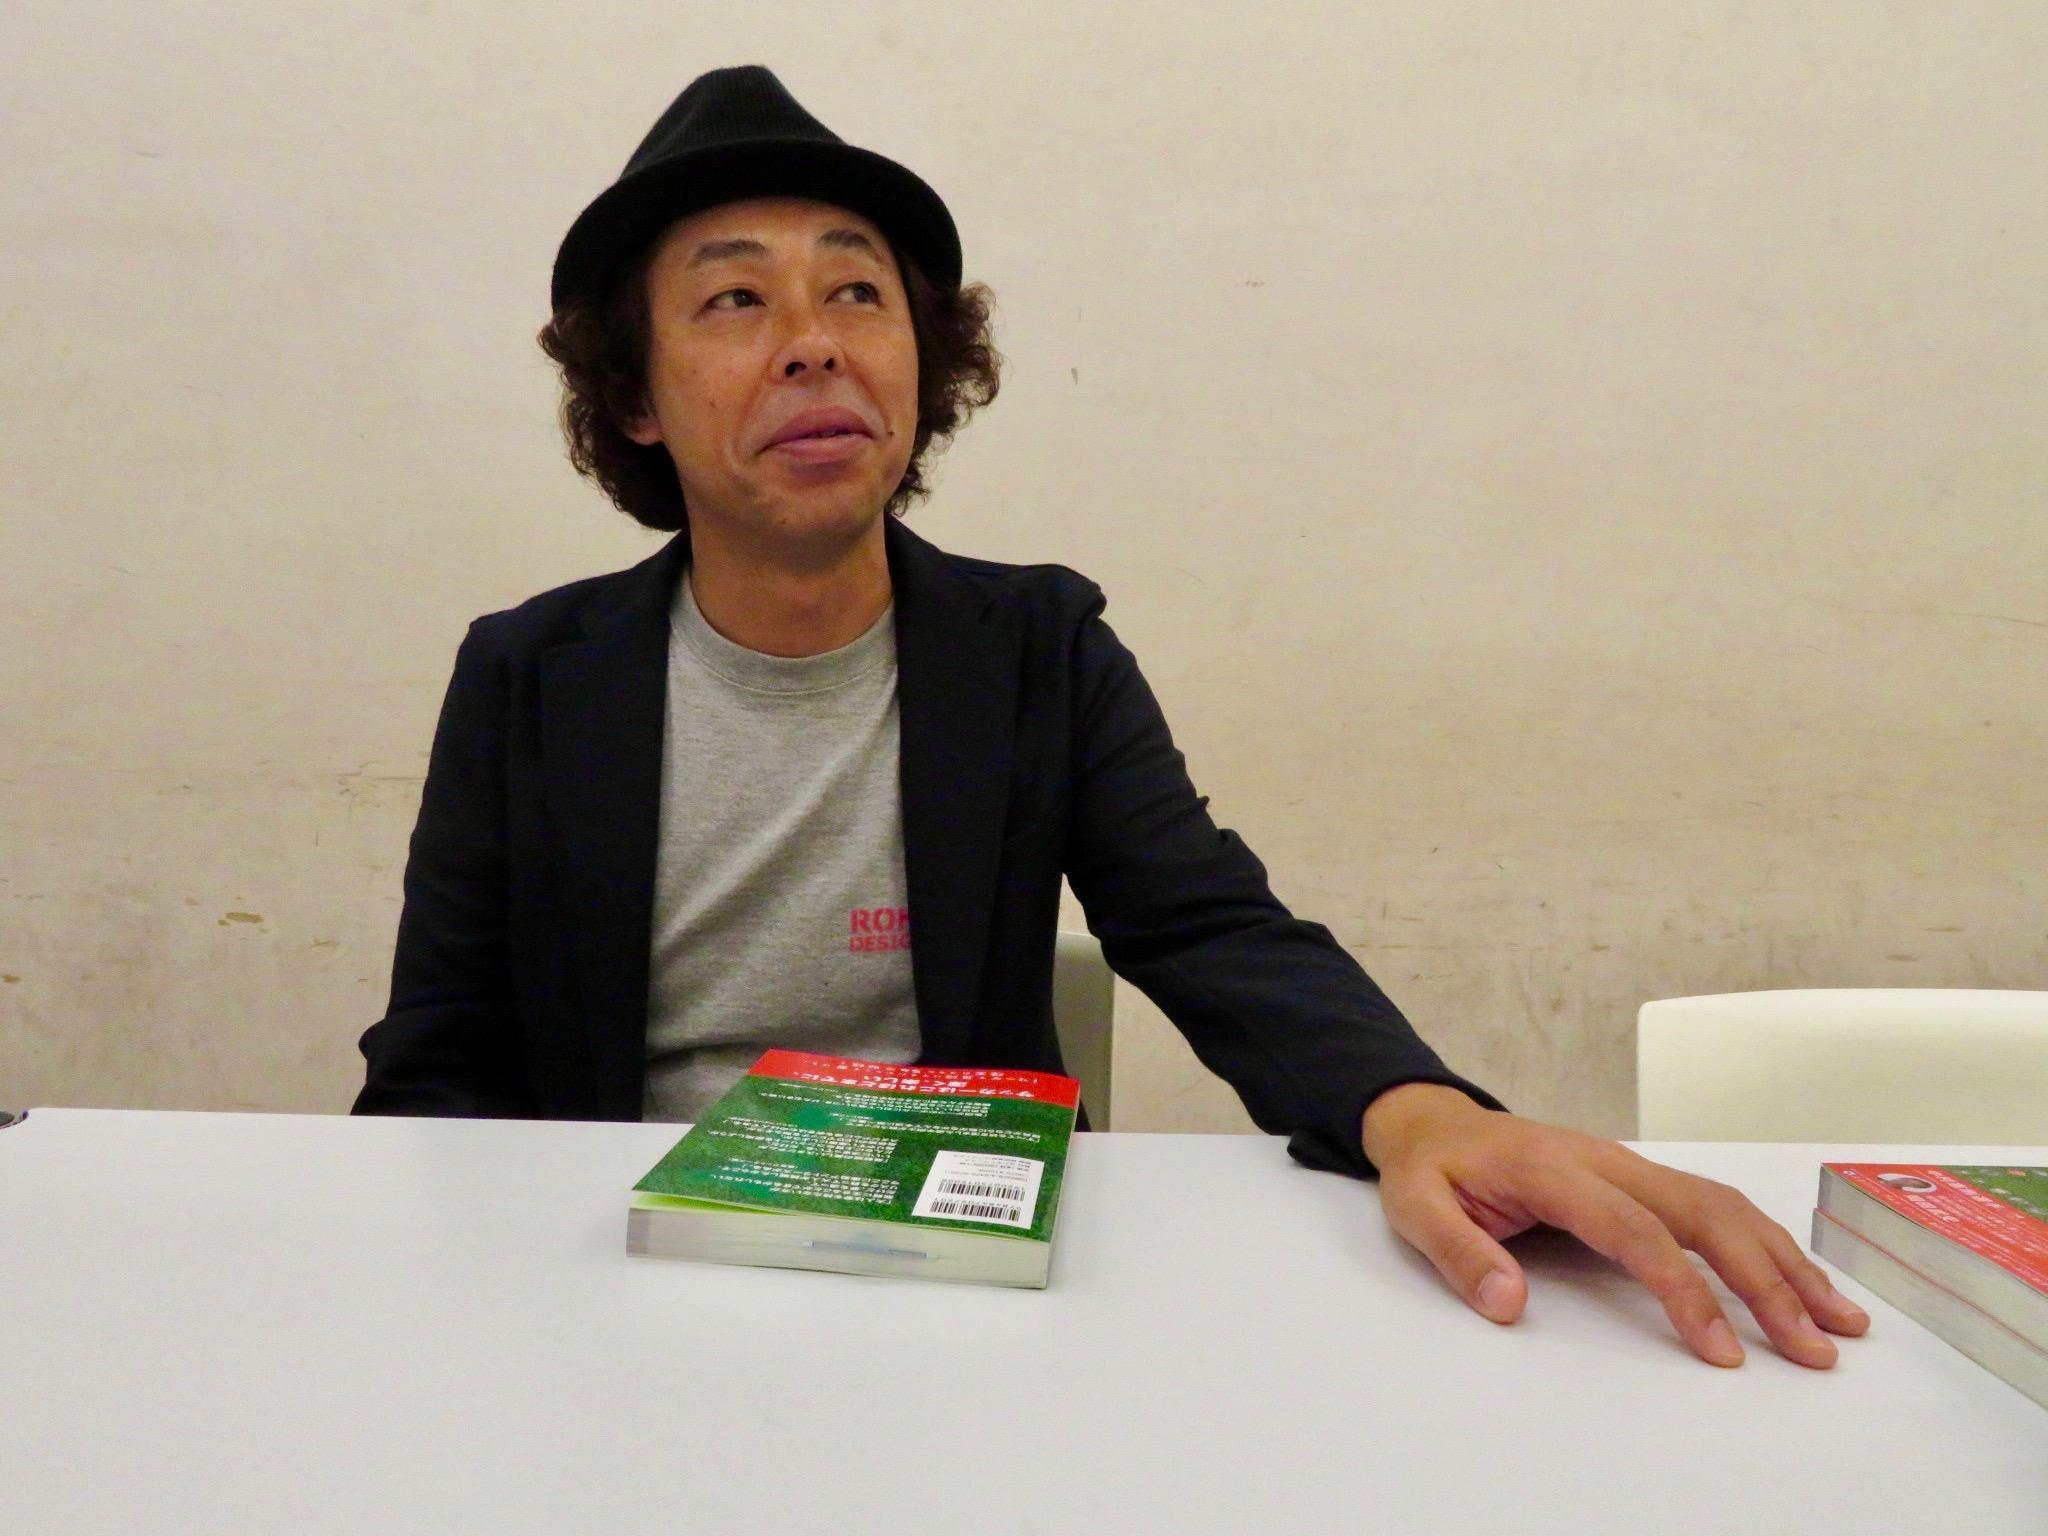 http://news.yoshimoto.co.jp/20181004203143-11d83c6371ac23ac2b507ab8dc5b45e2a4533e95.jpg